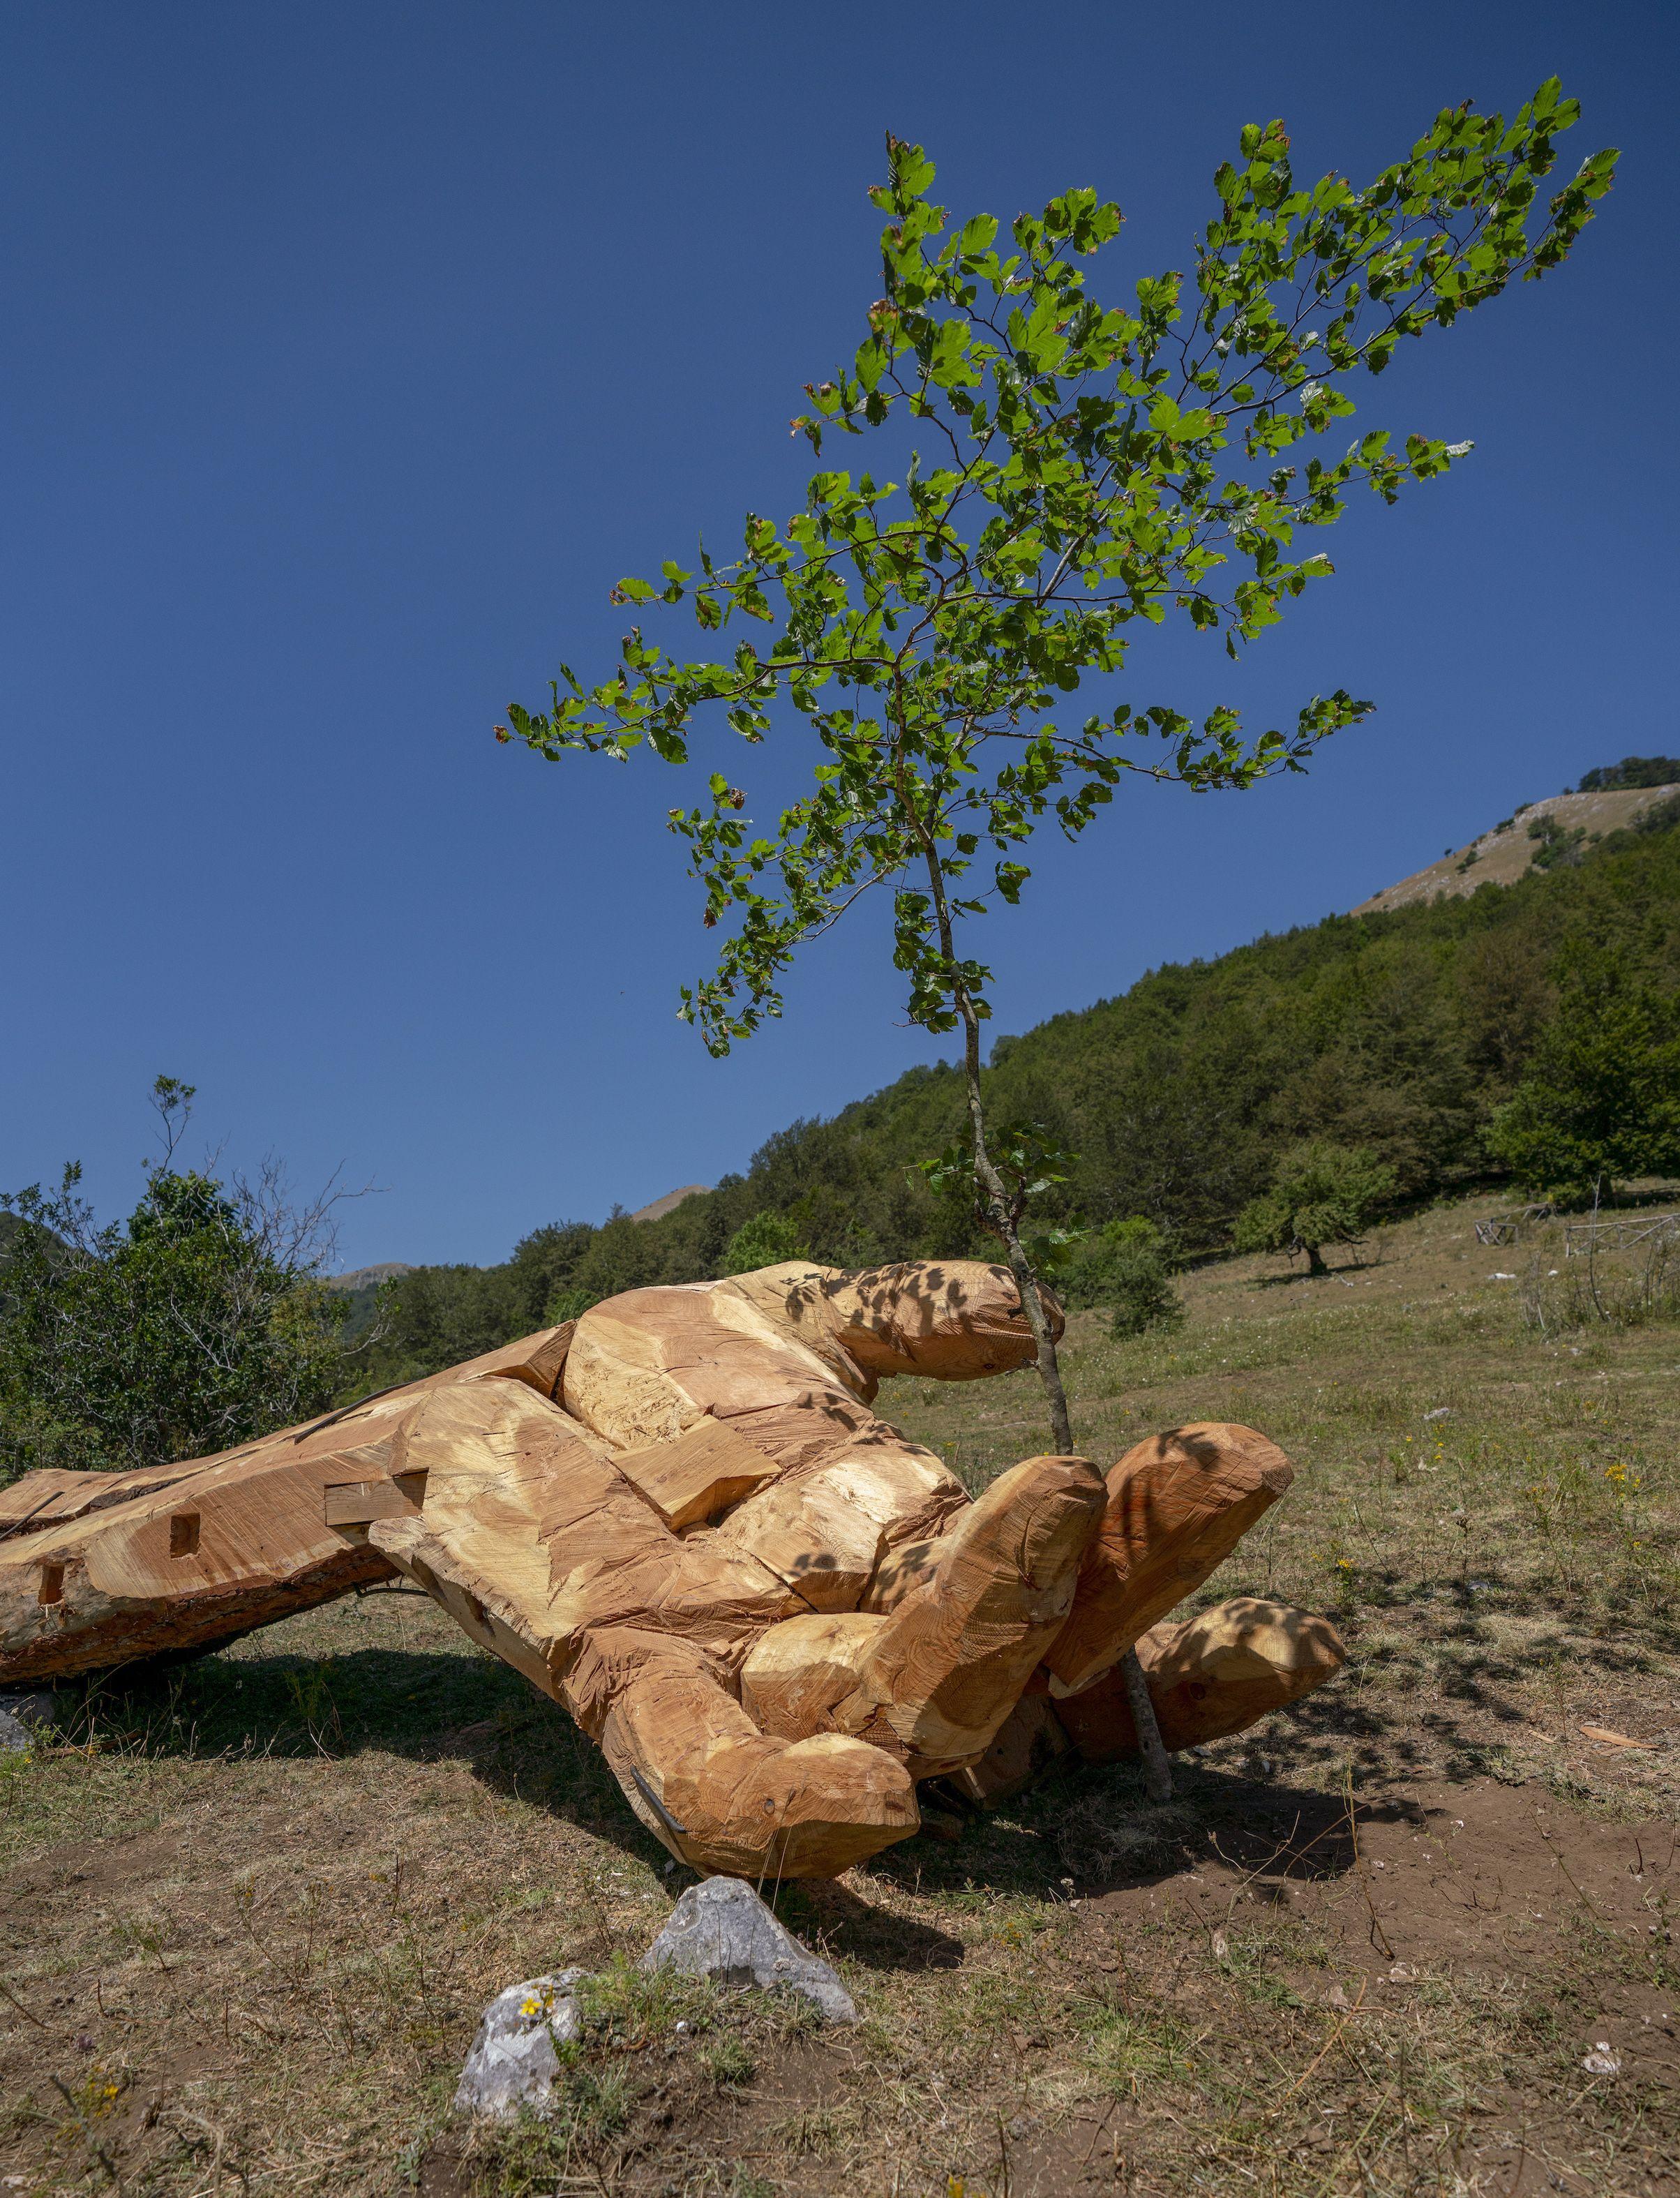 La mano gigante da vedere in uno dei parchi più belli d'Italia, in Abruzzo